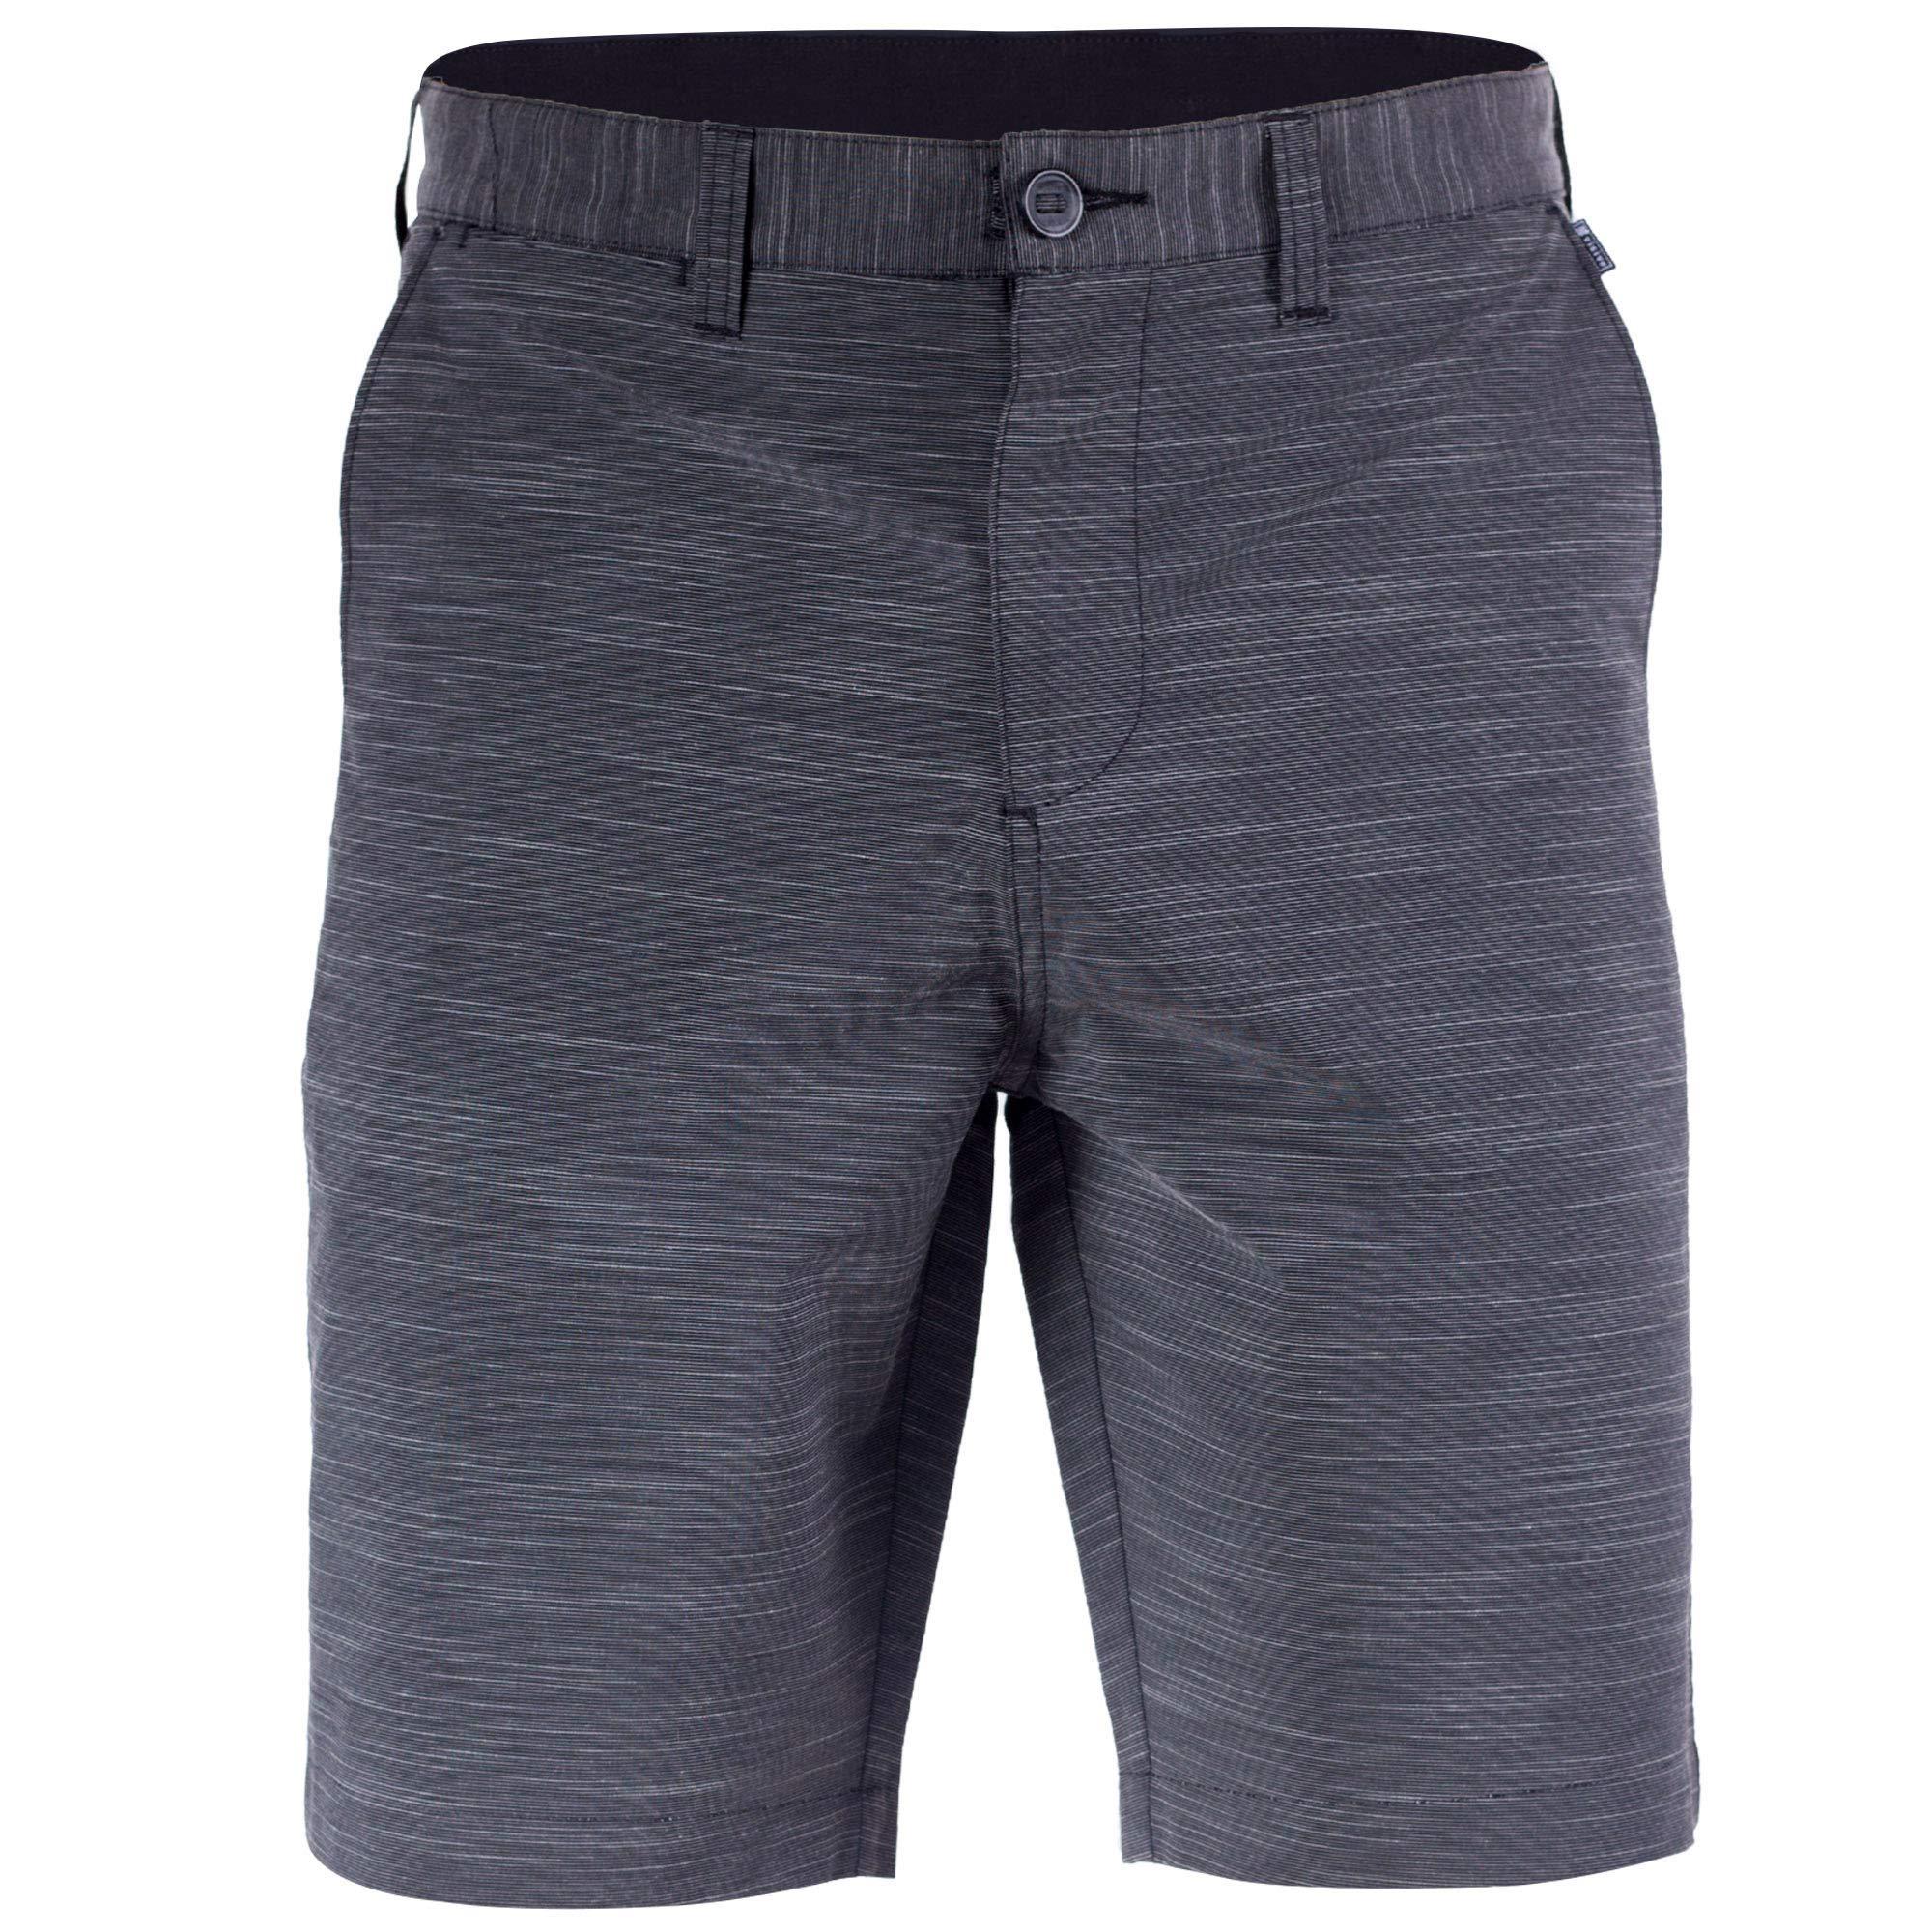 Mens Hybrid Golf Shorts Stretch Quick Dry Swim Trunks Boardshorts Black - 36